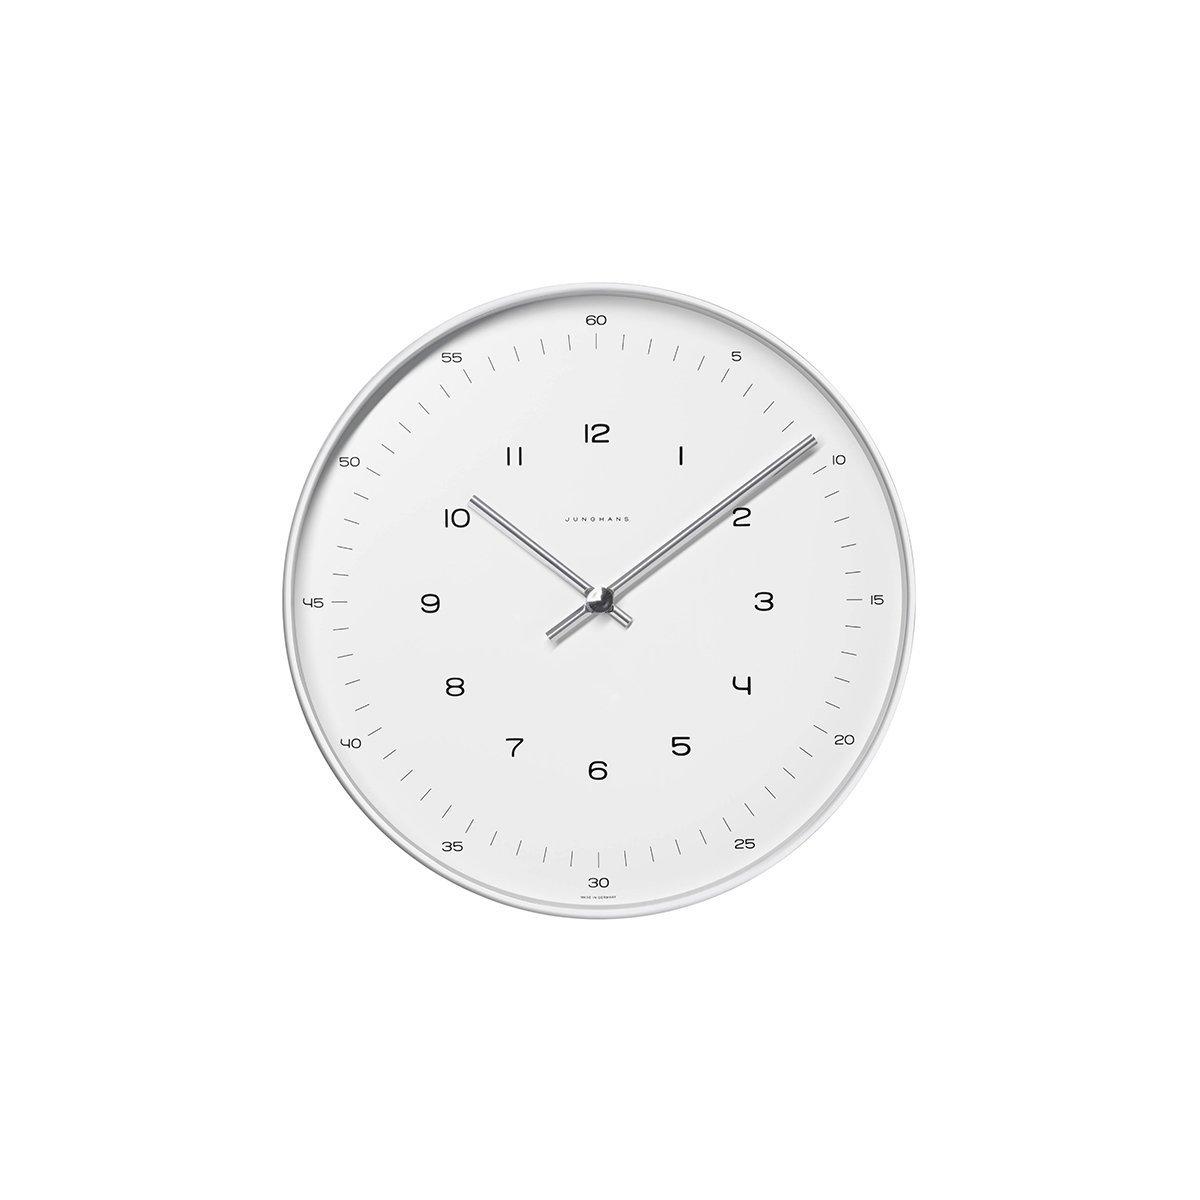 22 cm max bill Design-Wanduhr im Bauhaus-Stil  Quarz-Uhrwerk  Made in Germany   Ø 22 cm  Zahlen-Zifferblatt